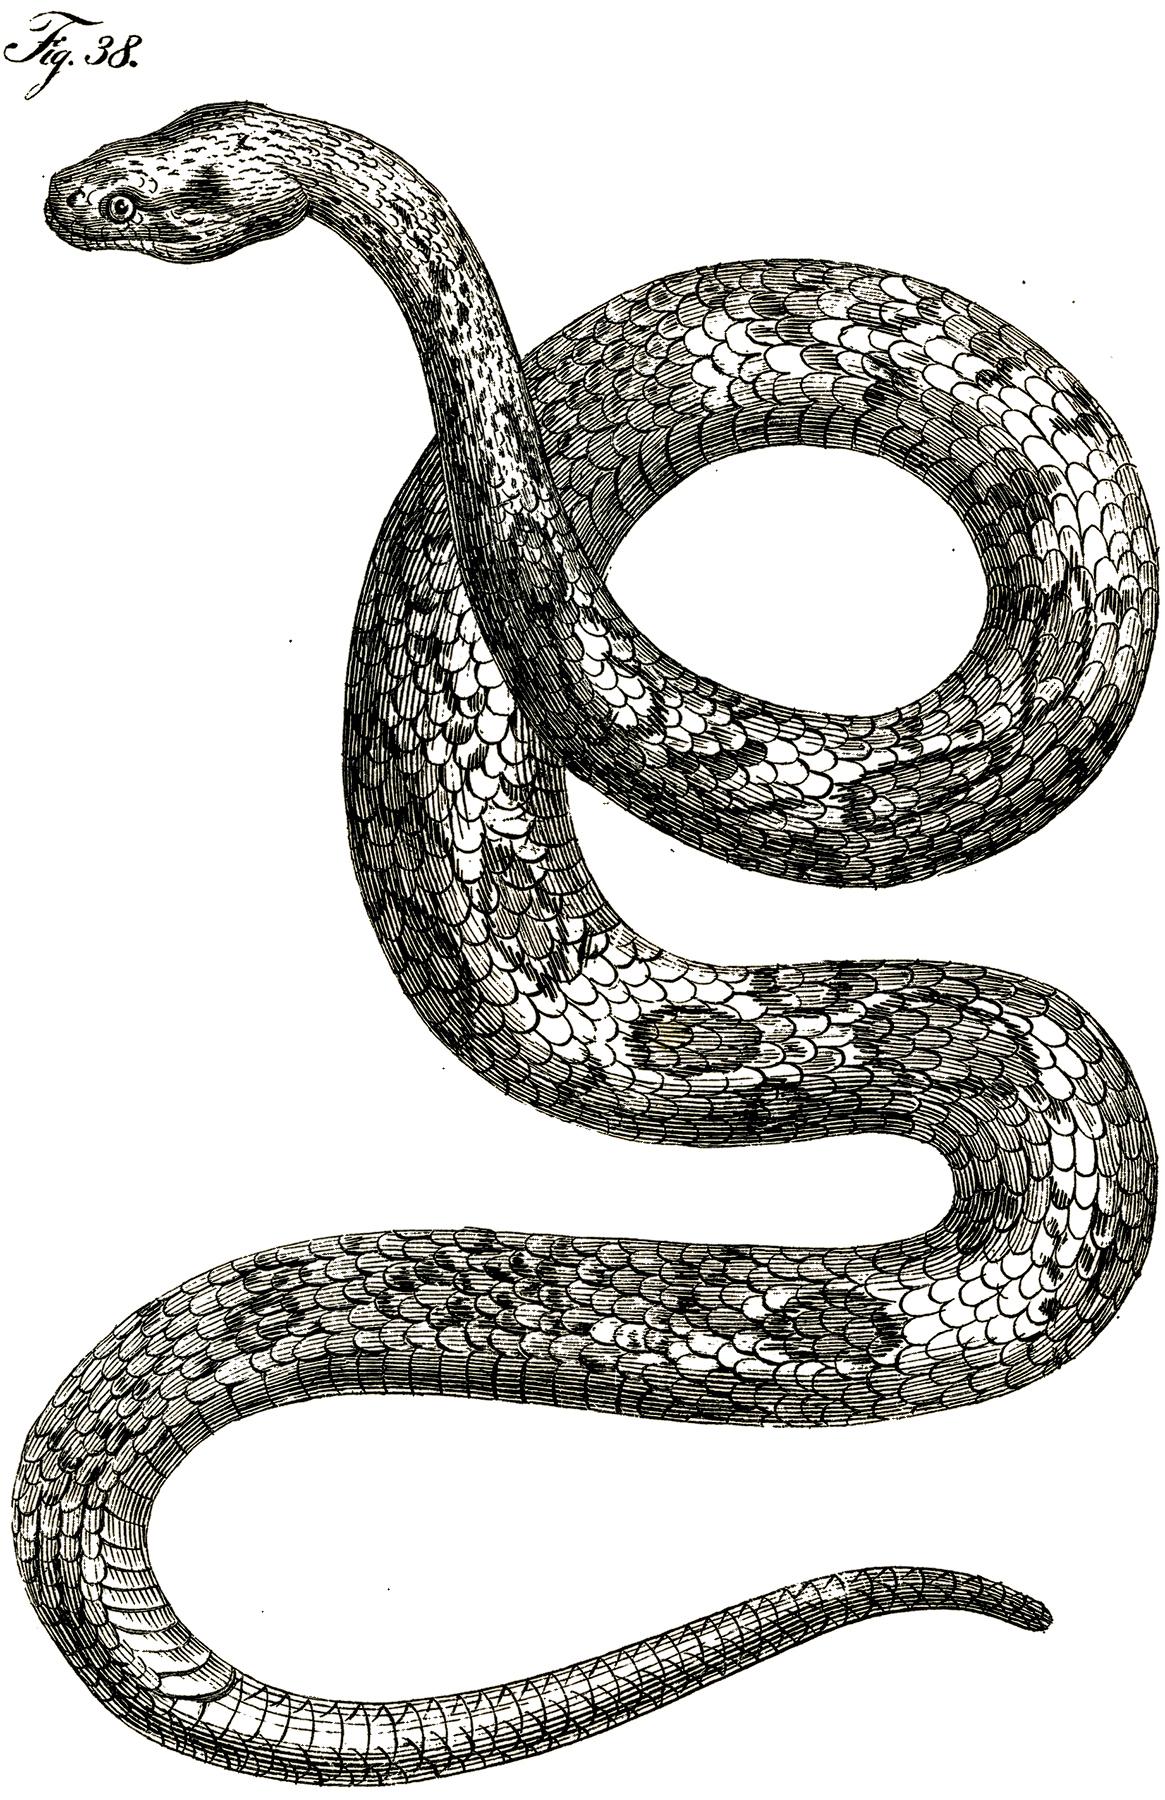 Рисунок с изображением змеи